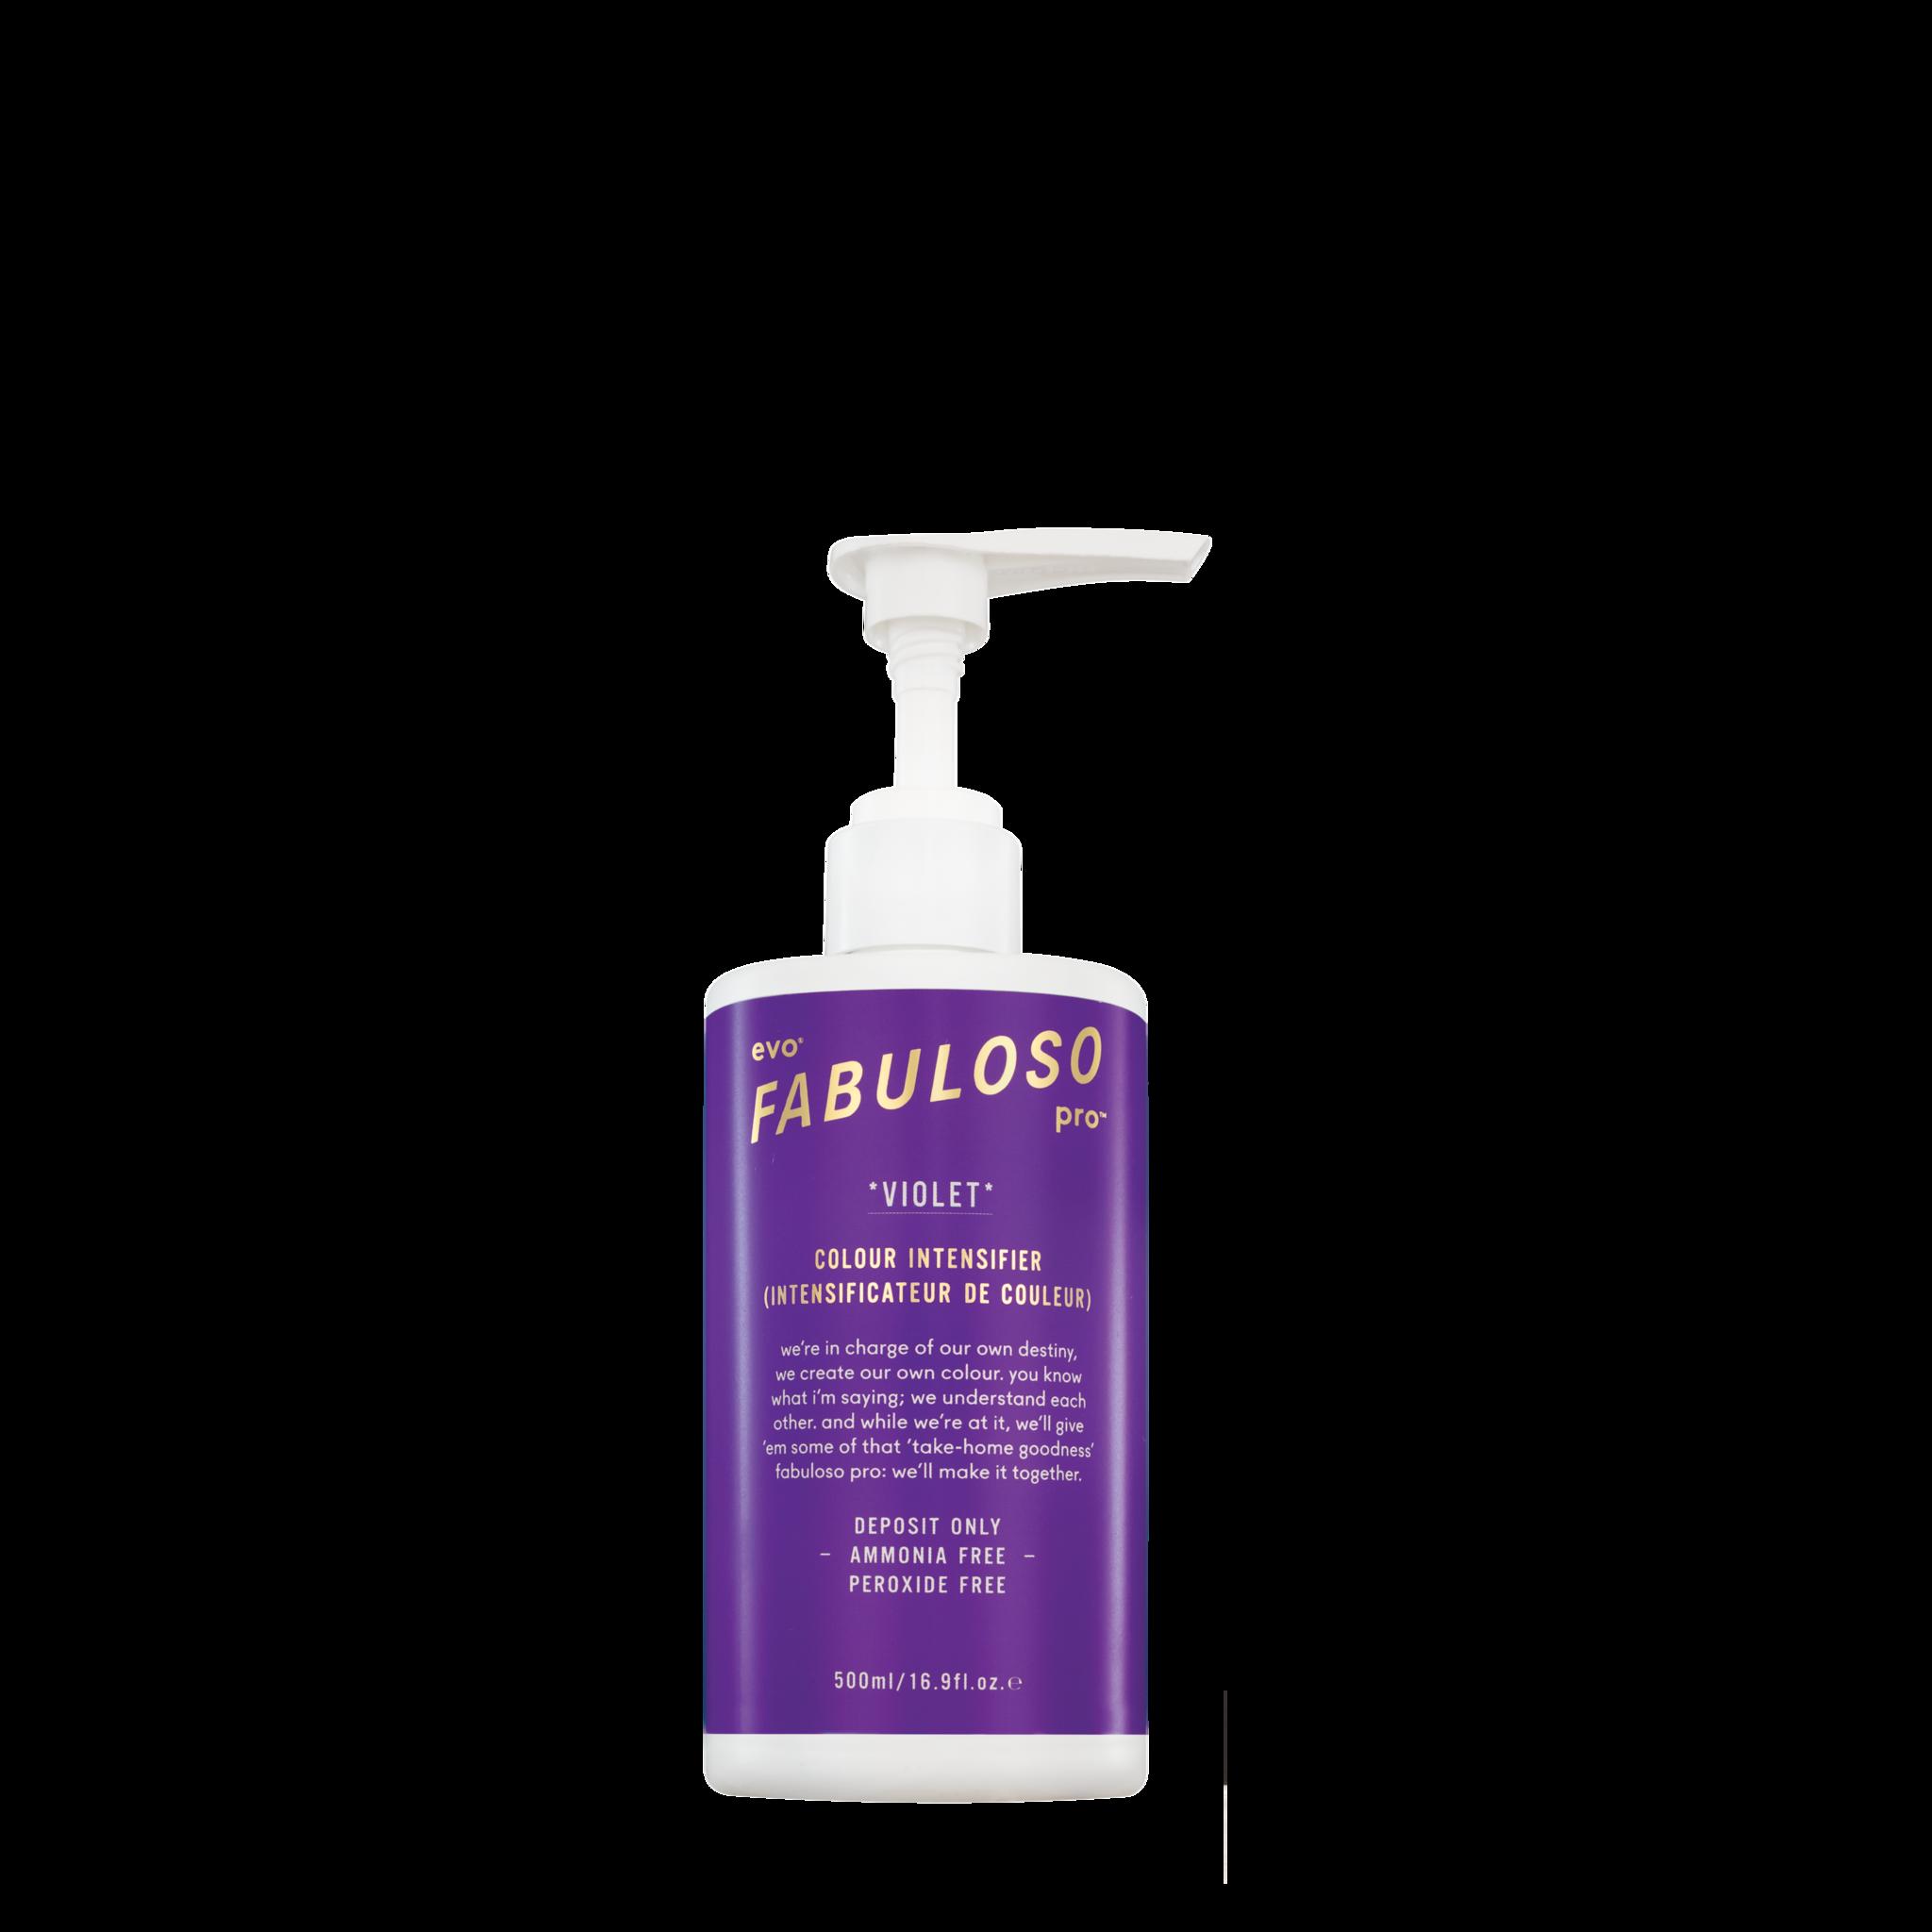 EVO evo® Fabuloso Pro™ Violet Colour Intensifier 500ml